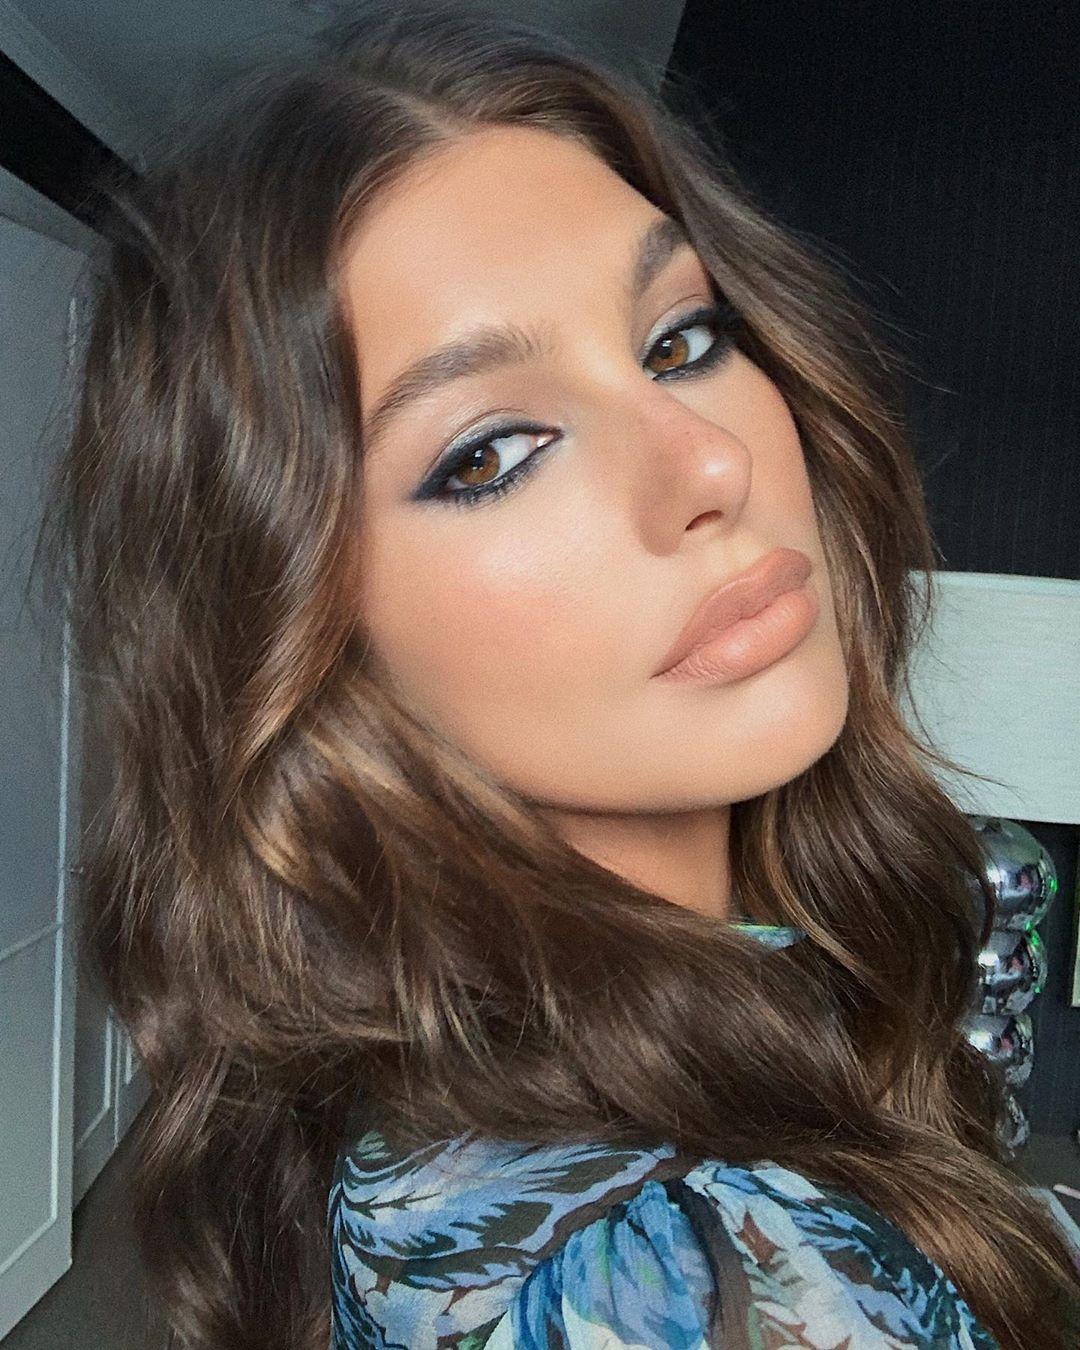 El espectacular look de Camila Morrone